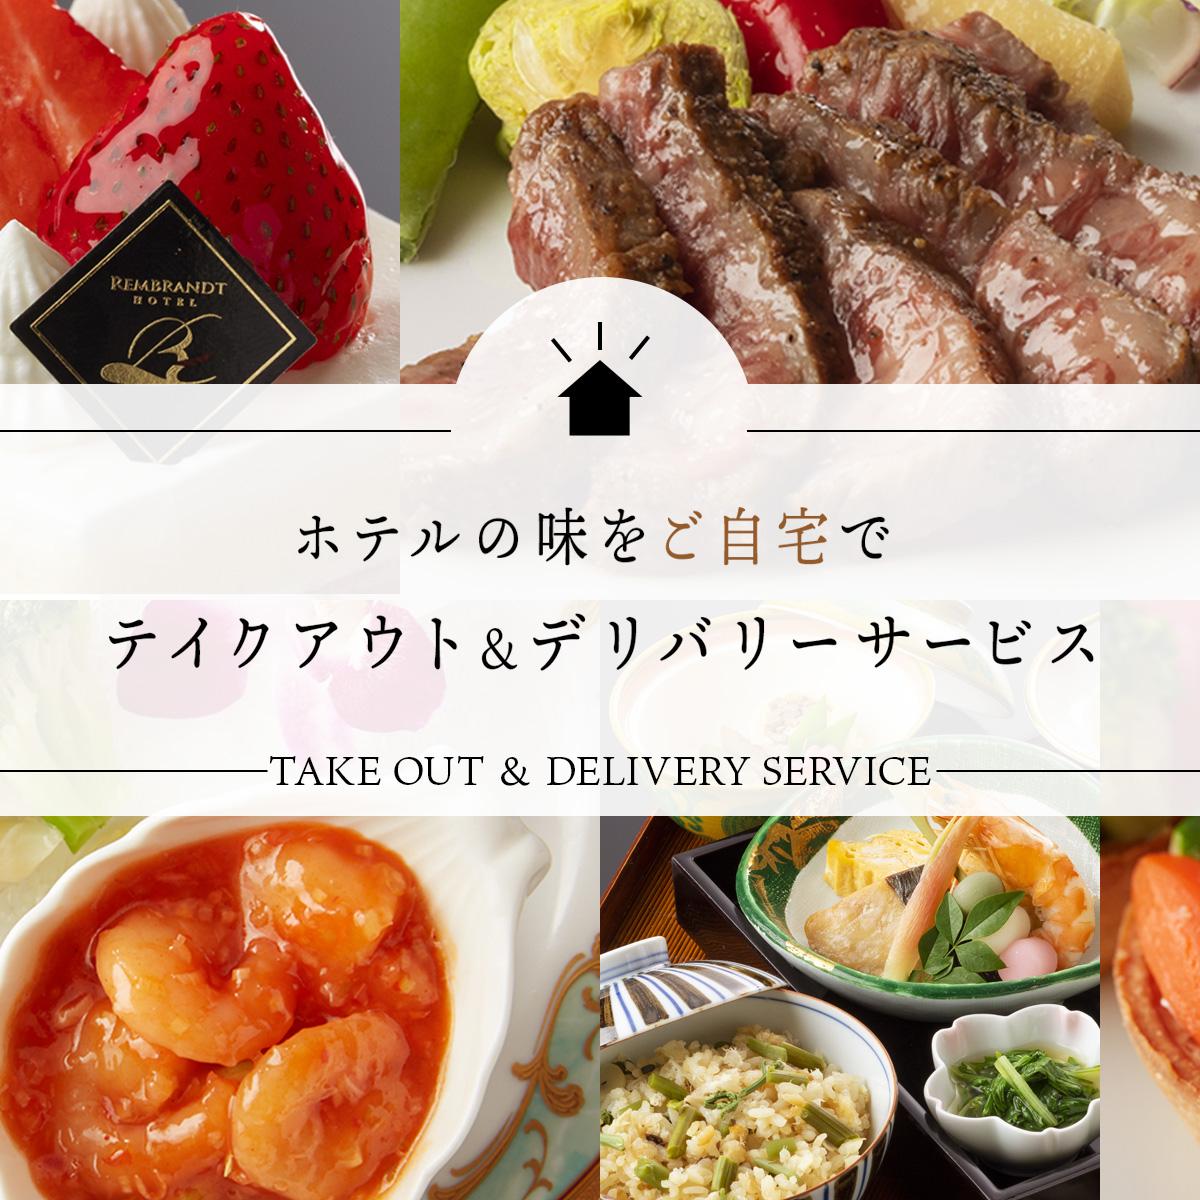 テイクアウト&デリバリーサービス!ホテルレストランの味をご自宅で。